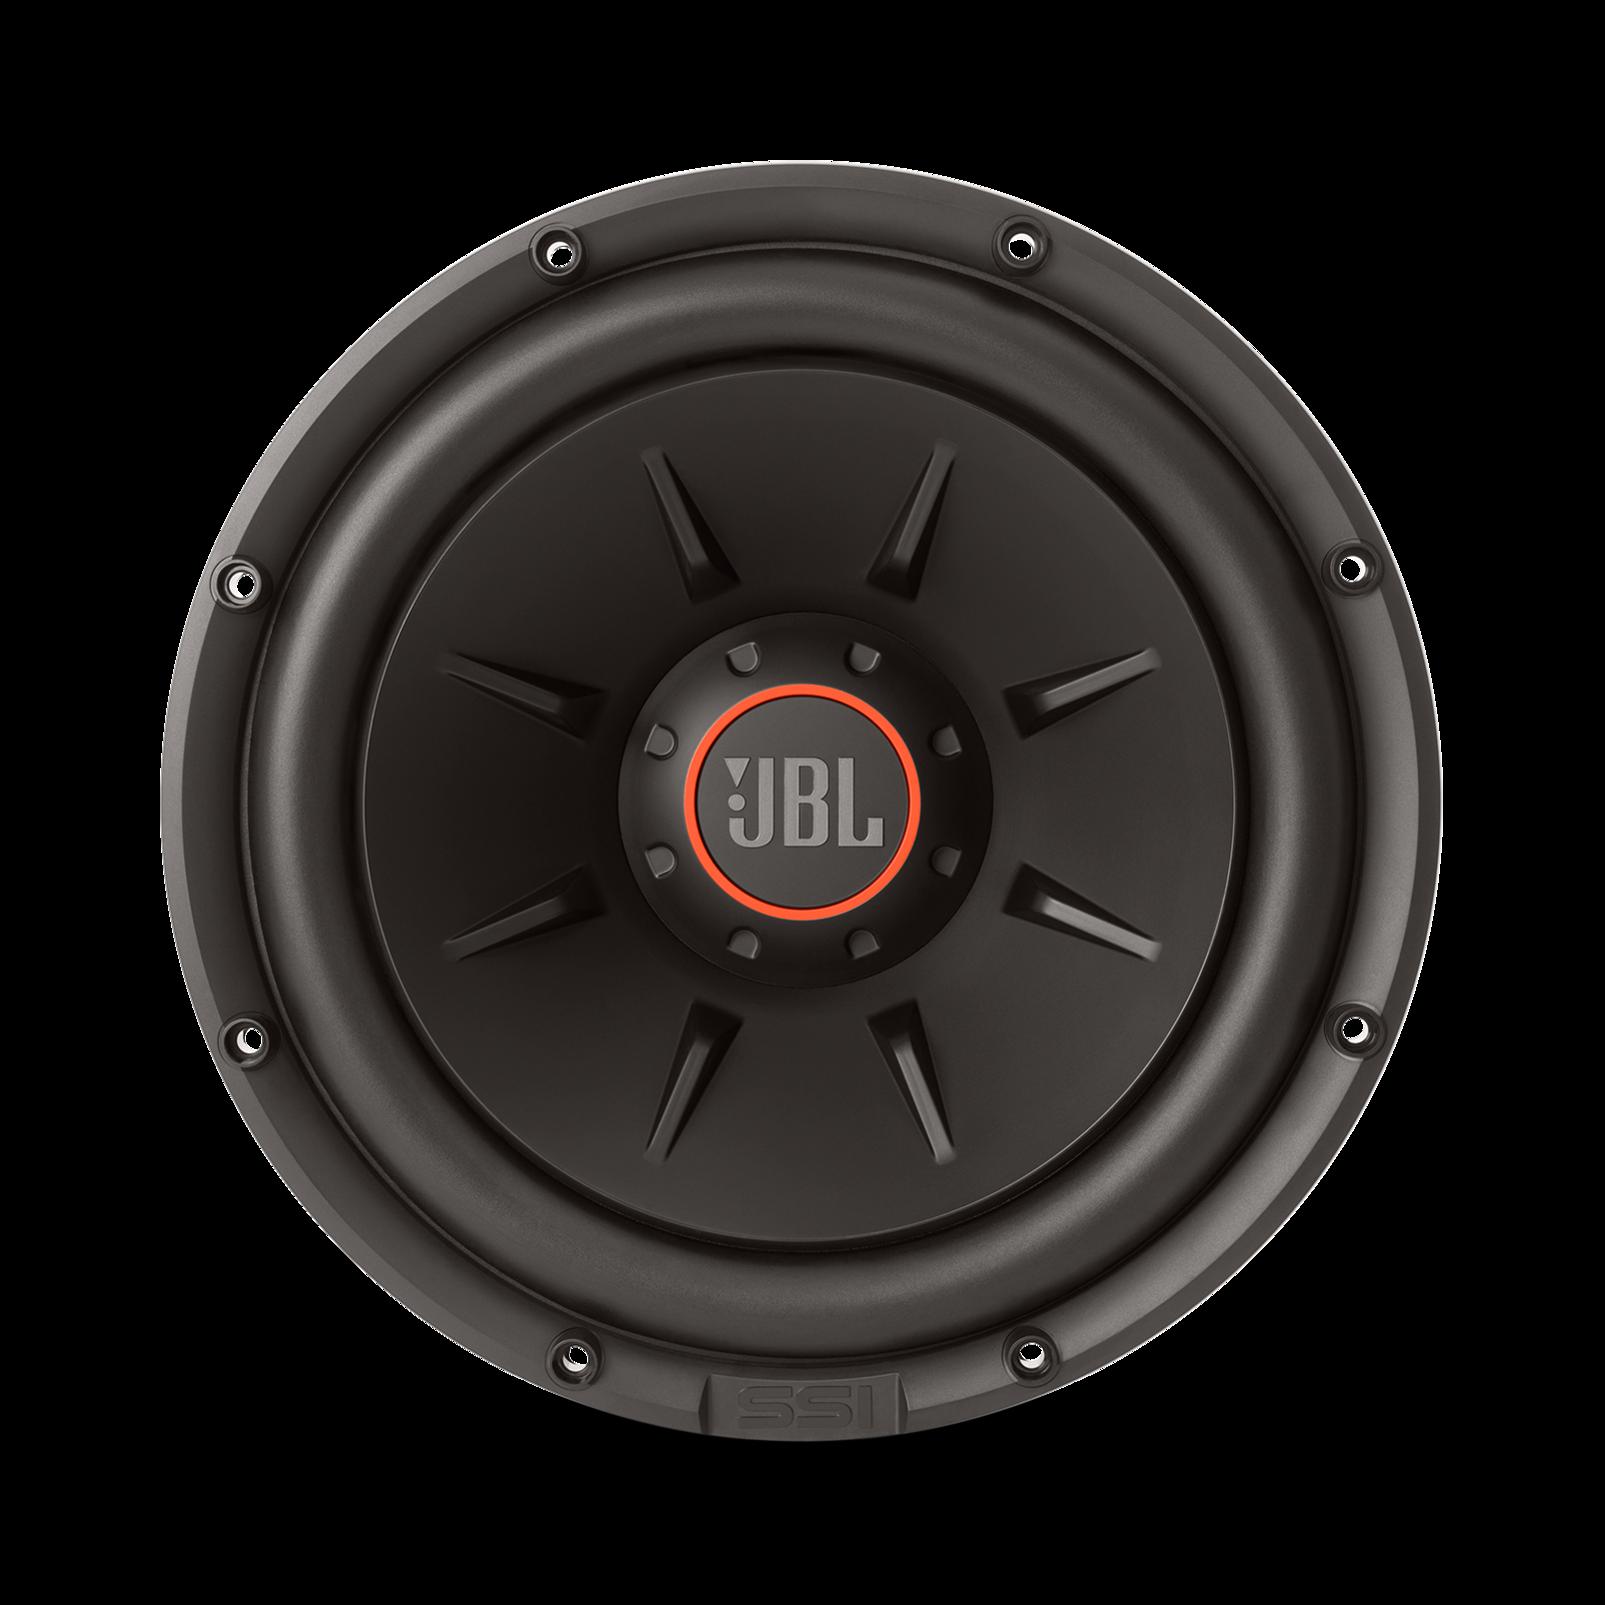 s2 1224 12 300mm ssi car audio subwoofer. Black Bedroom Furniture Sets. Home Design Ideas